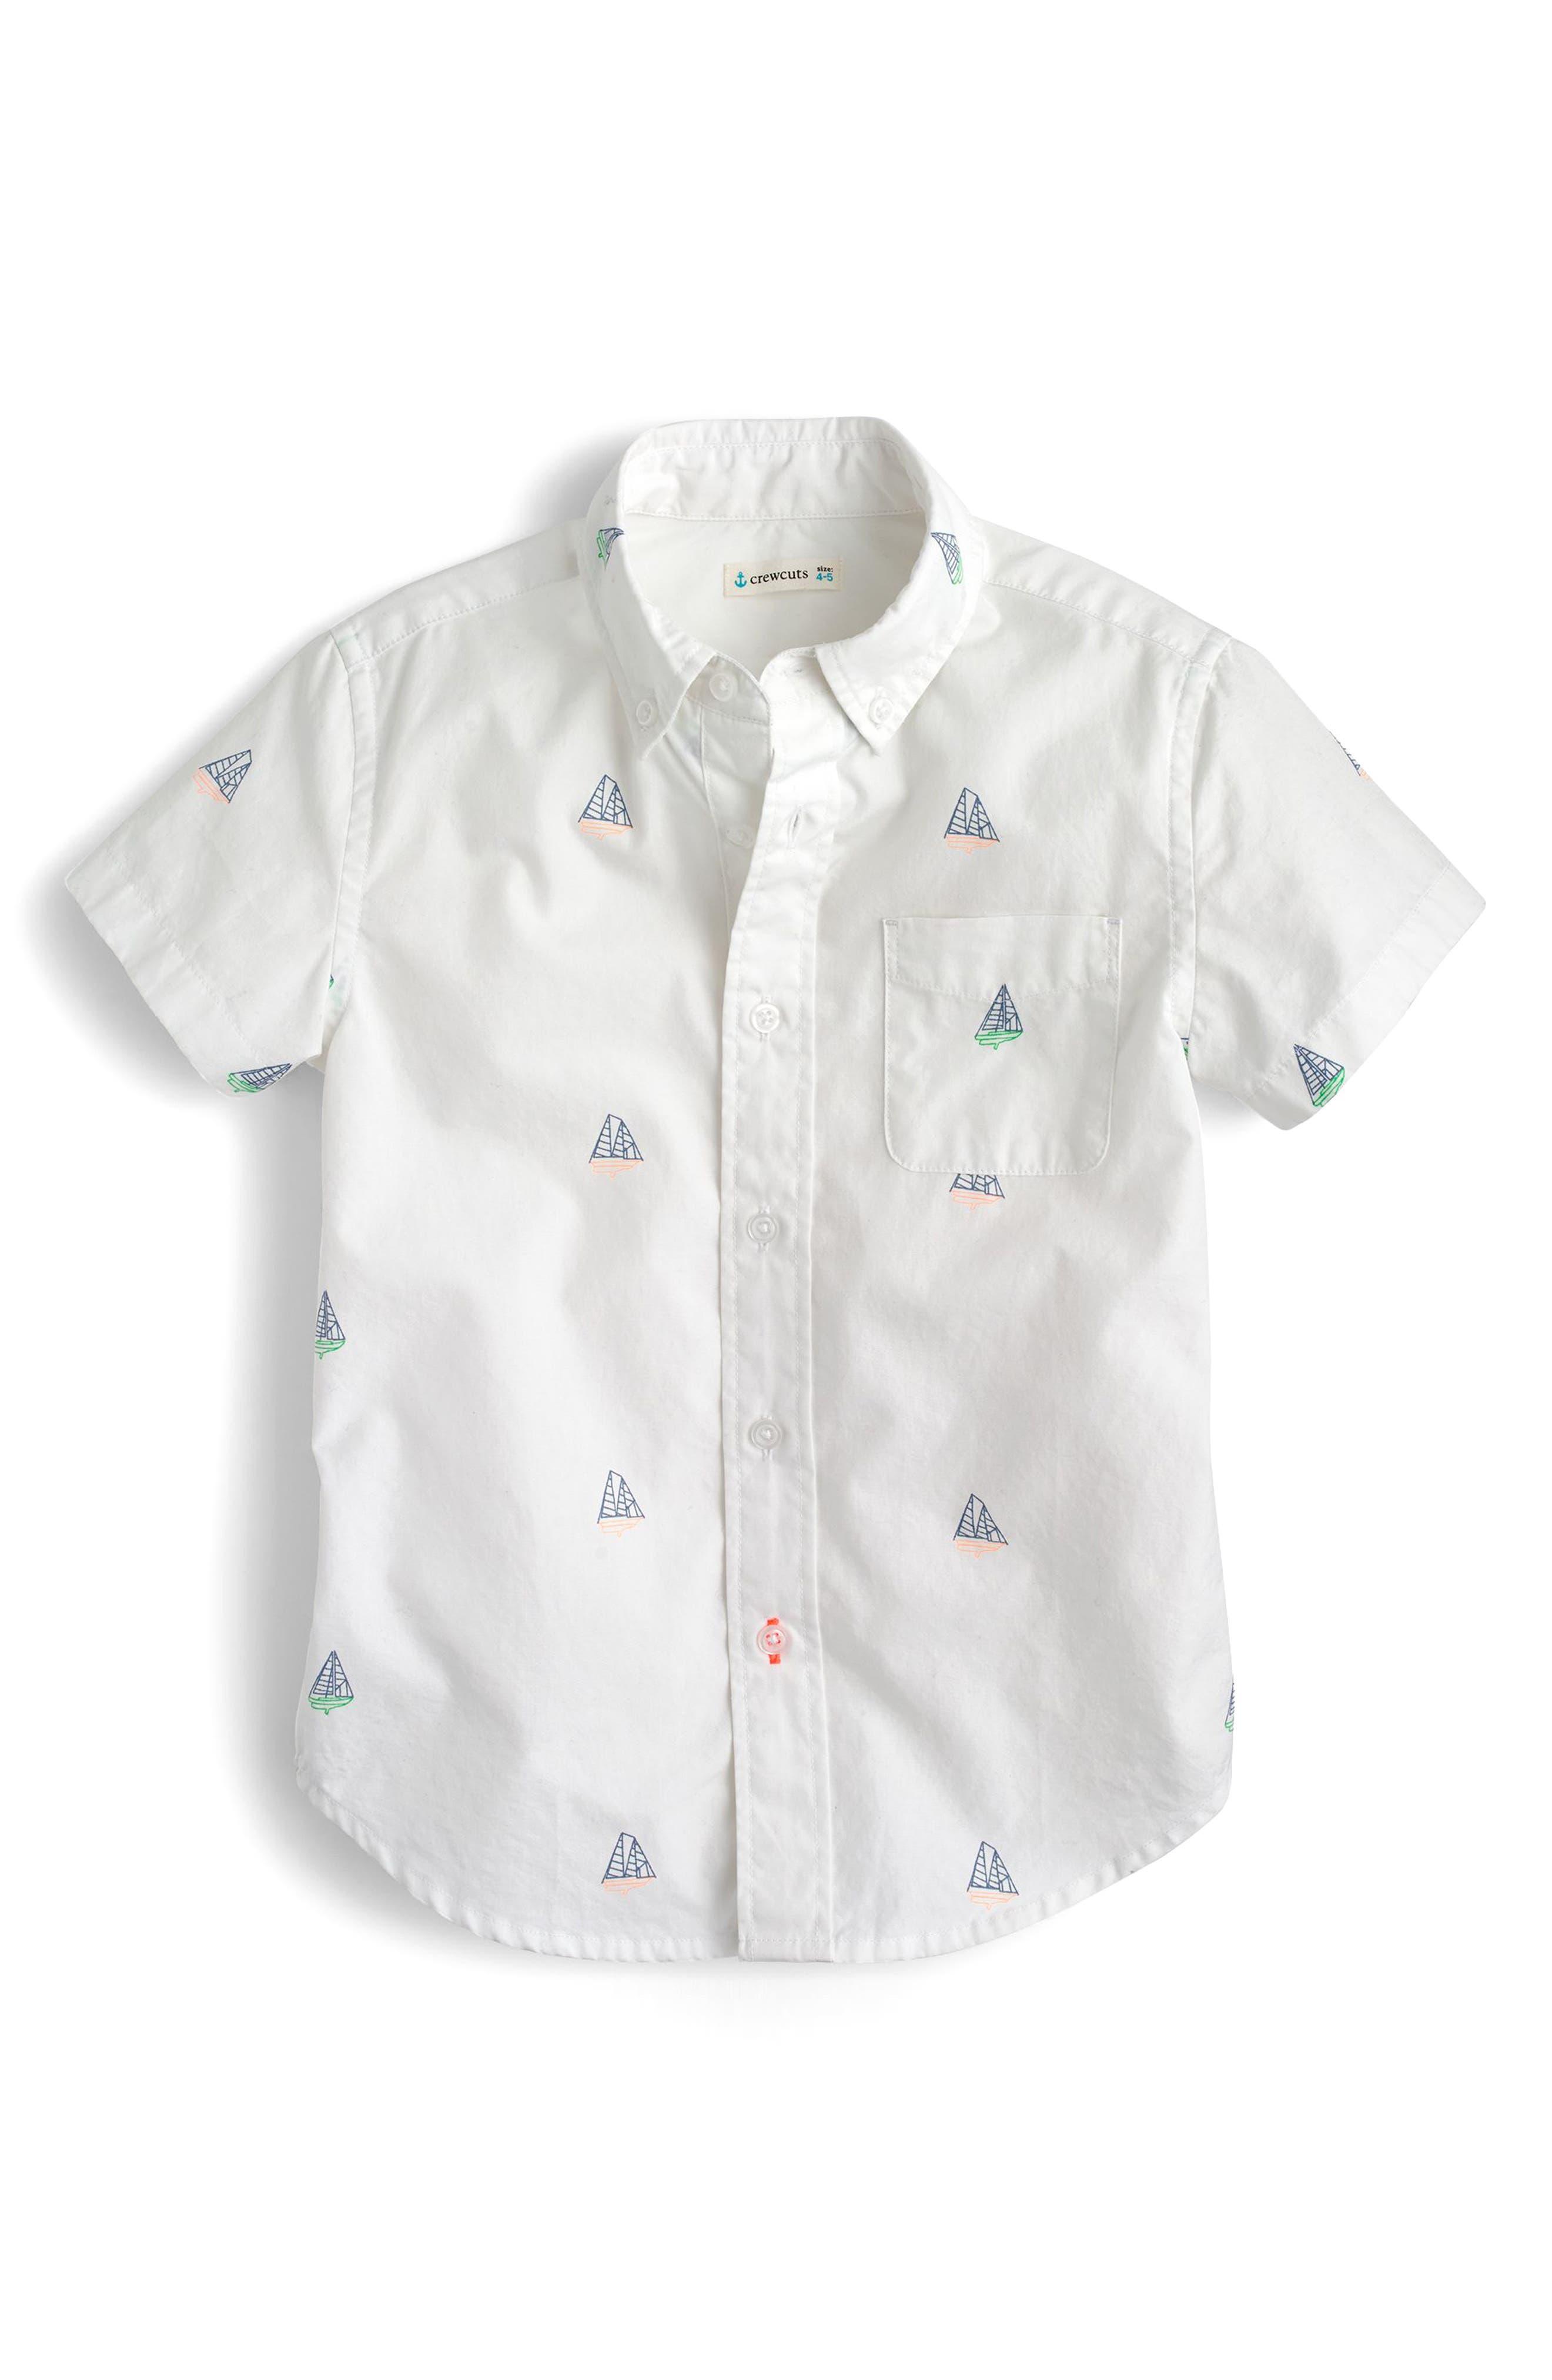 Critter Sailboats Short Sleeve Oxford Shirt,                         Main,                         color, 400